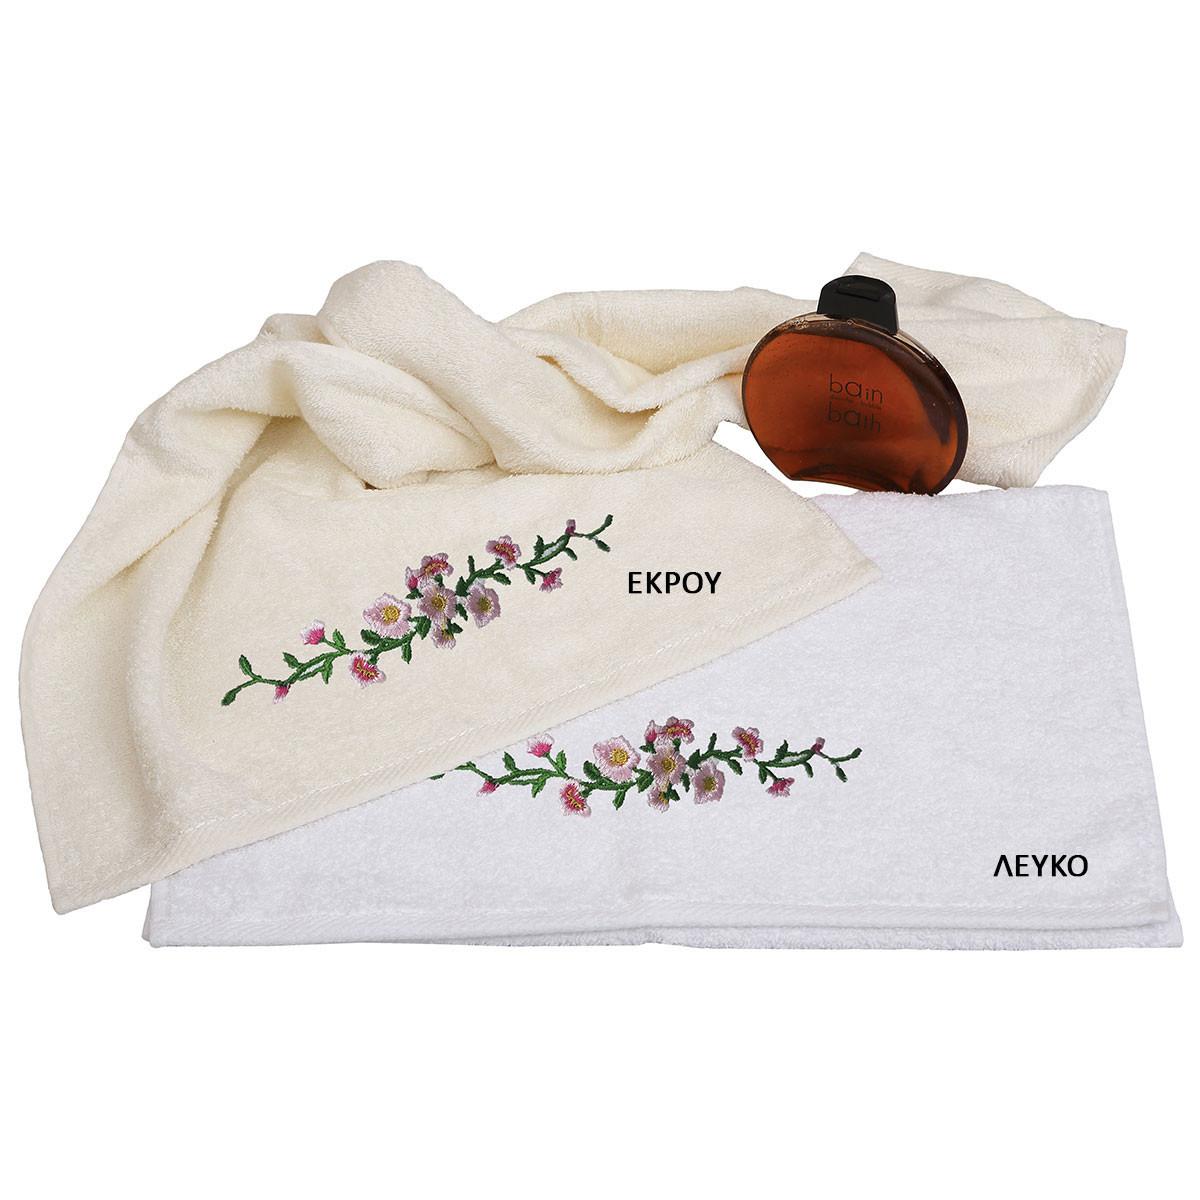 Πετσέτες Μπάνιου (Σετ 3τμχ) Viopros Bath Ideas Σχ 39